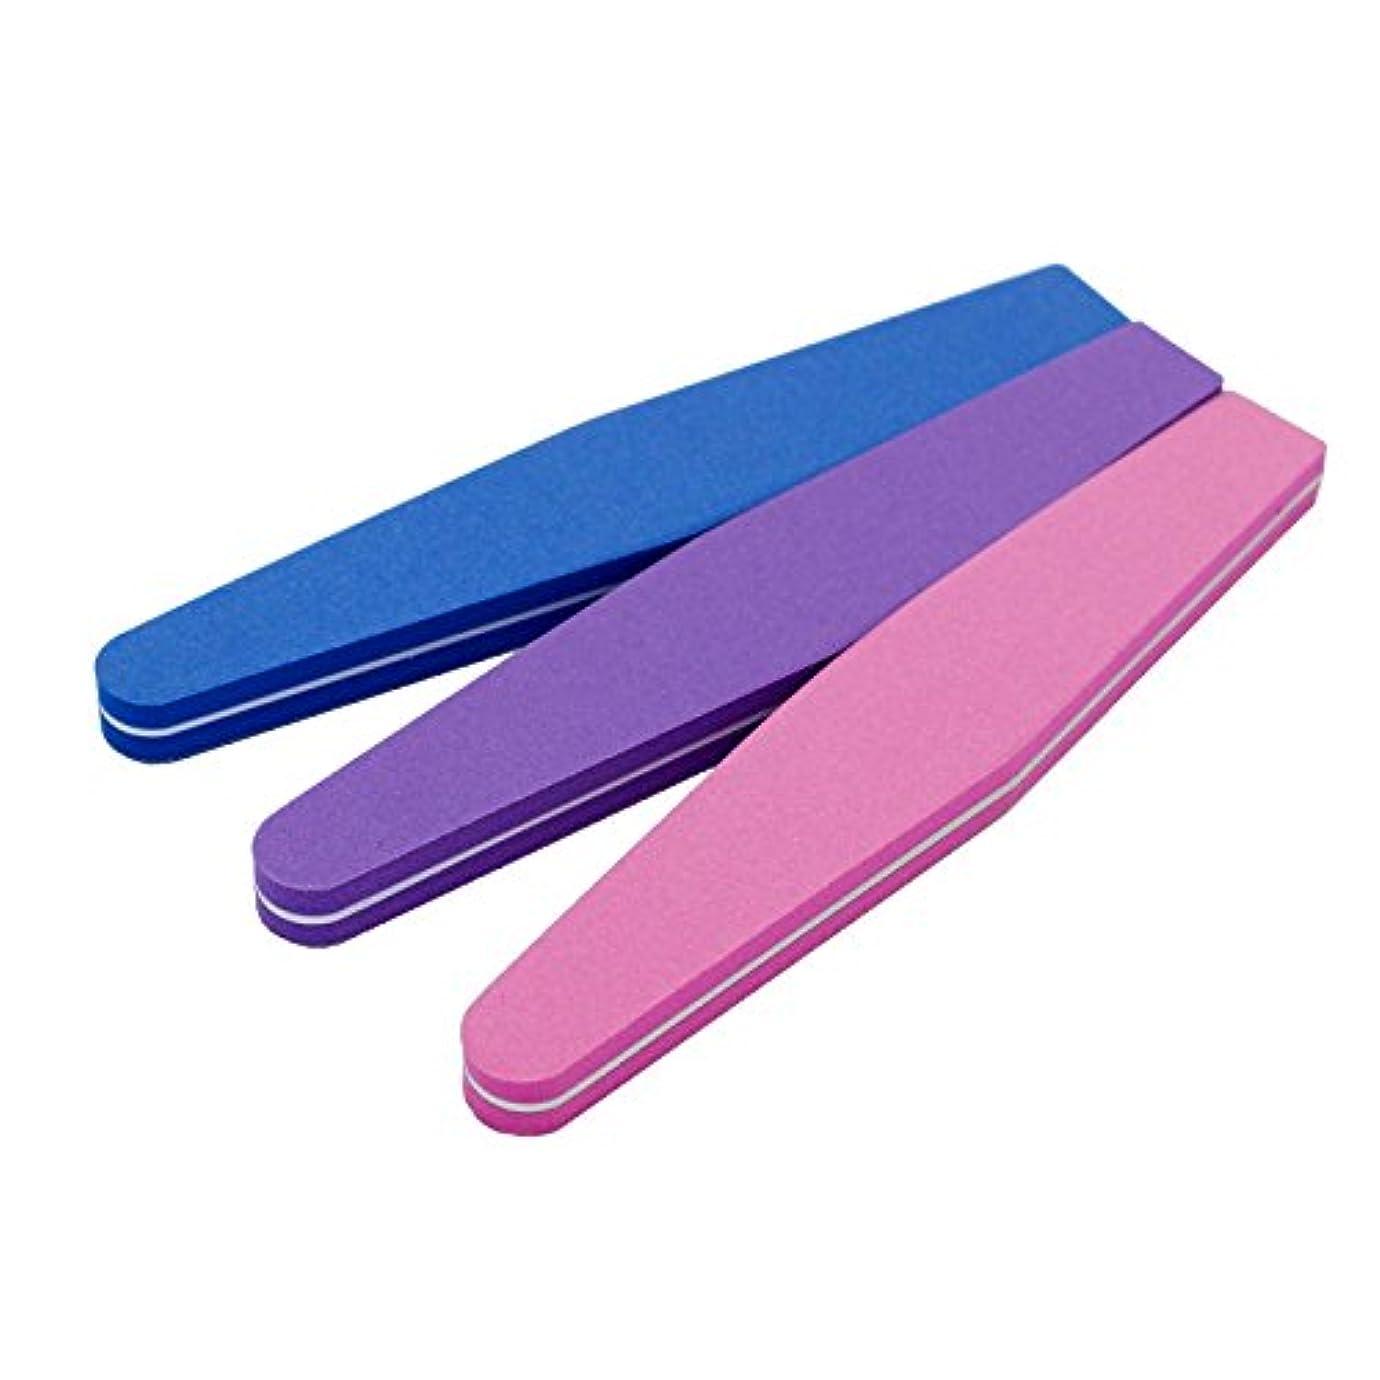 優勢傾く追い出すJomMart スポンジ ネイルファイル 爪用ヤスリ 3色セット(ピンク パープル ブルー) BY0040